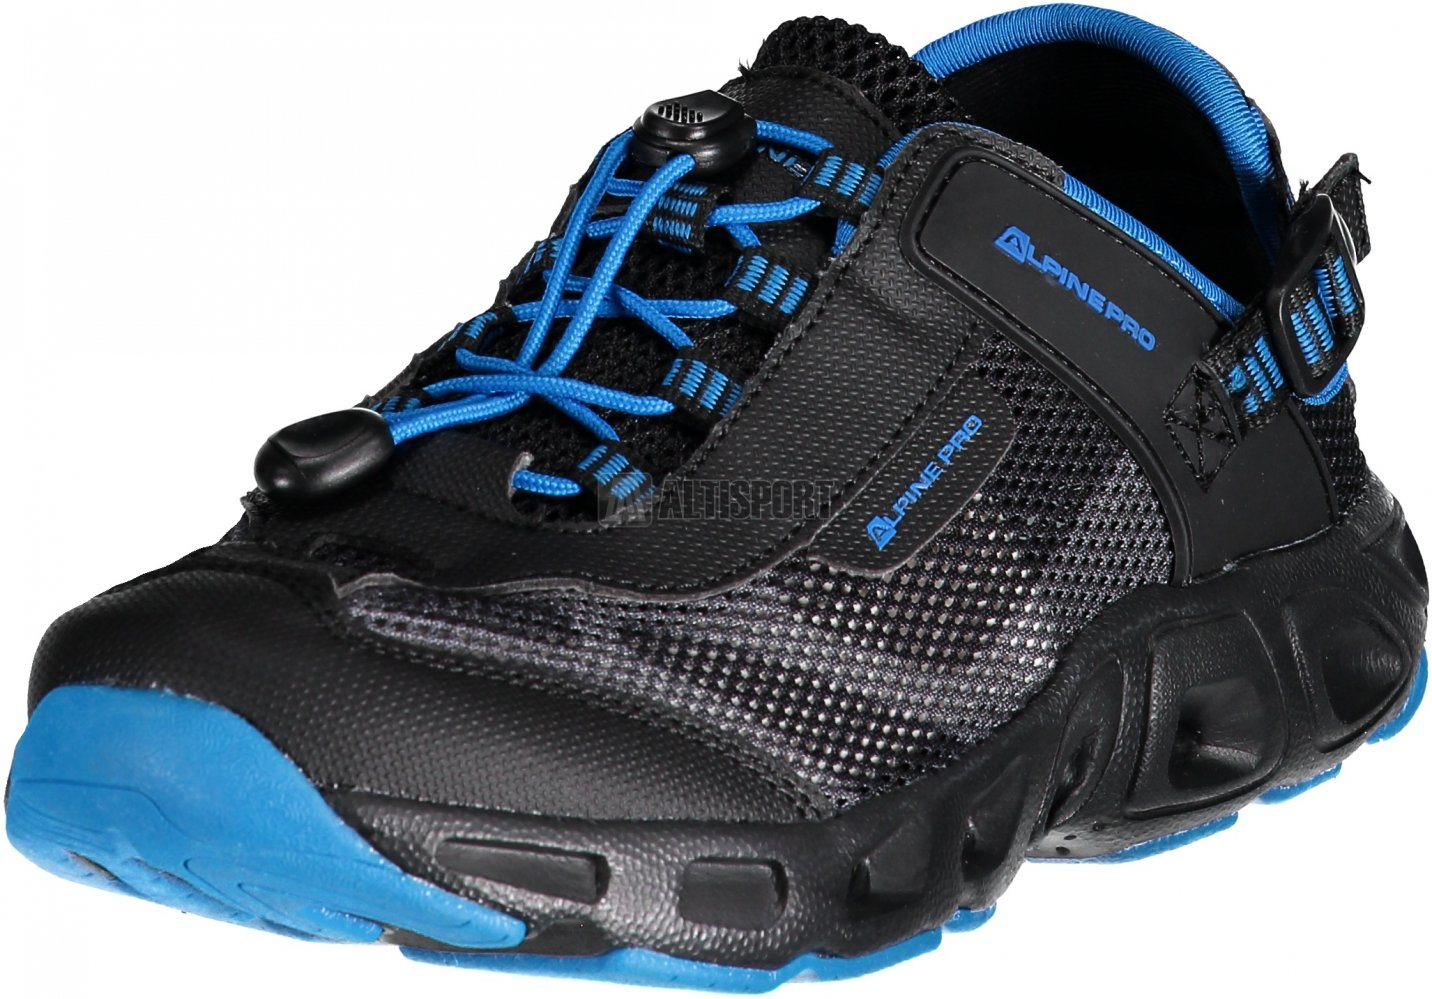 Dámské boty ALPINE PRO EVINY UBTN183 ČERNÁ velikost  EU 36 (UK 3 6164b01f39